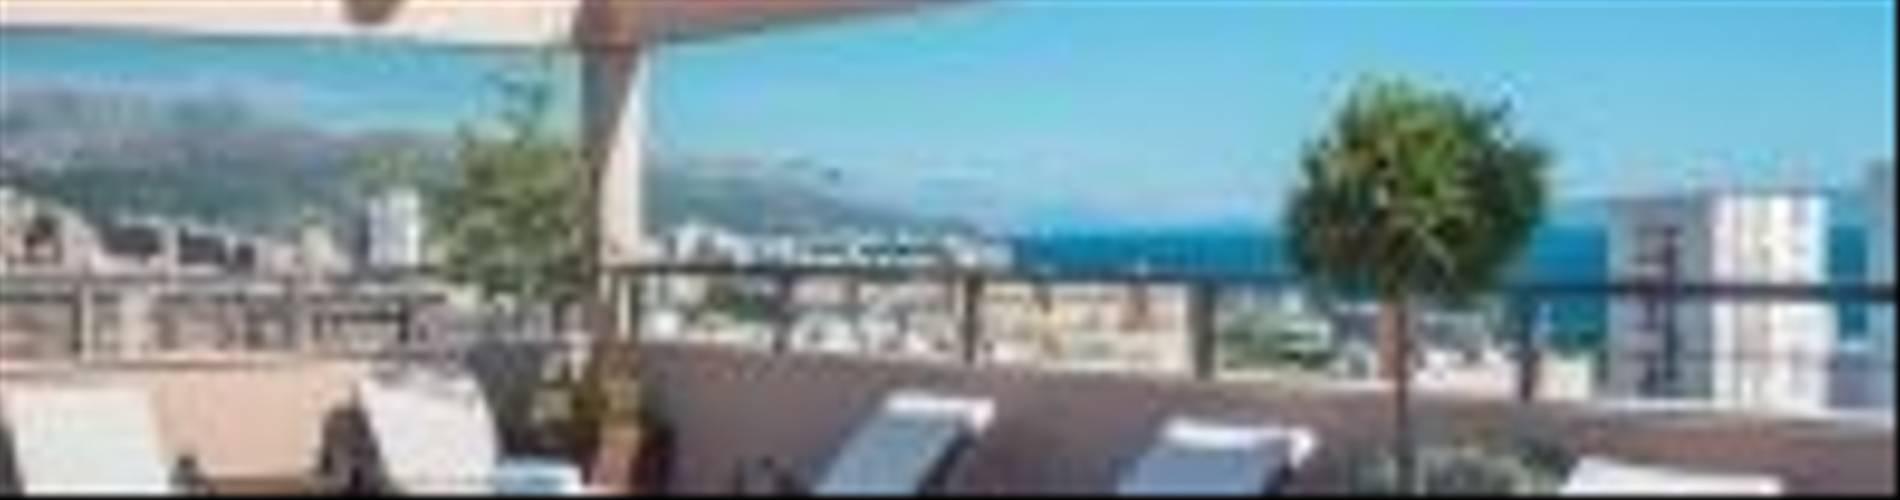 HotelResidence_DIOKLECIJAN_rooftop-bar-sundeck-panorama-day_2048px_DSC03500-198x120.jpg